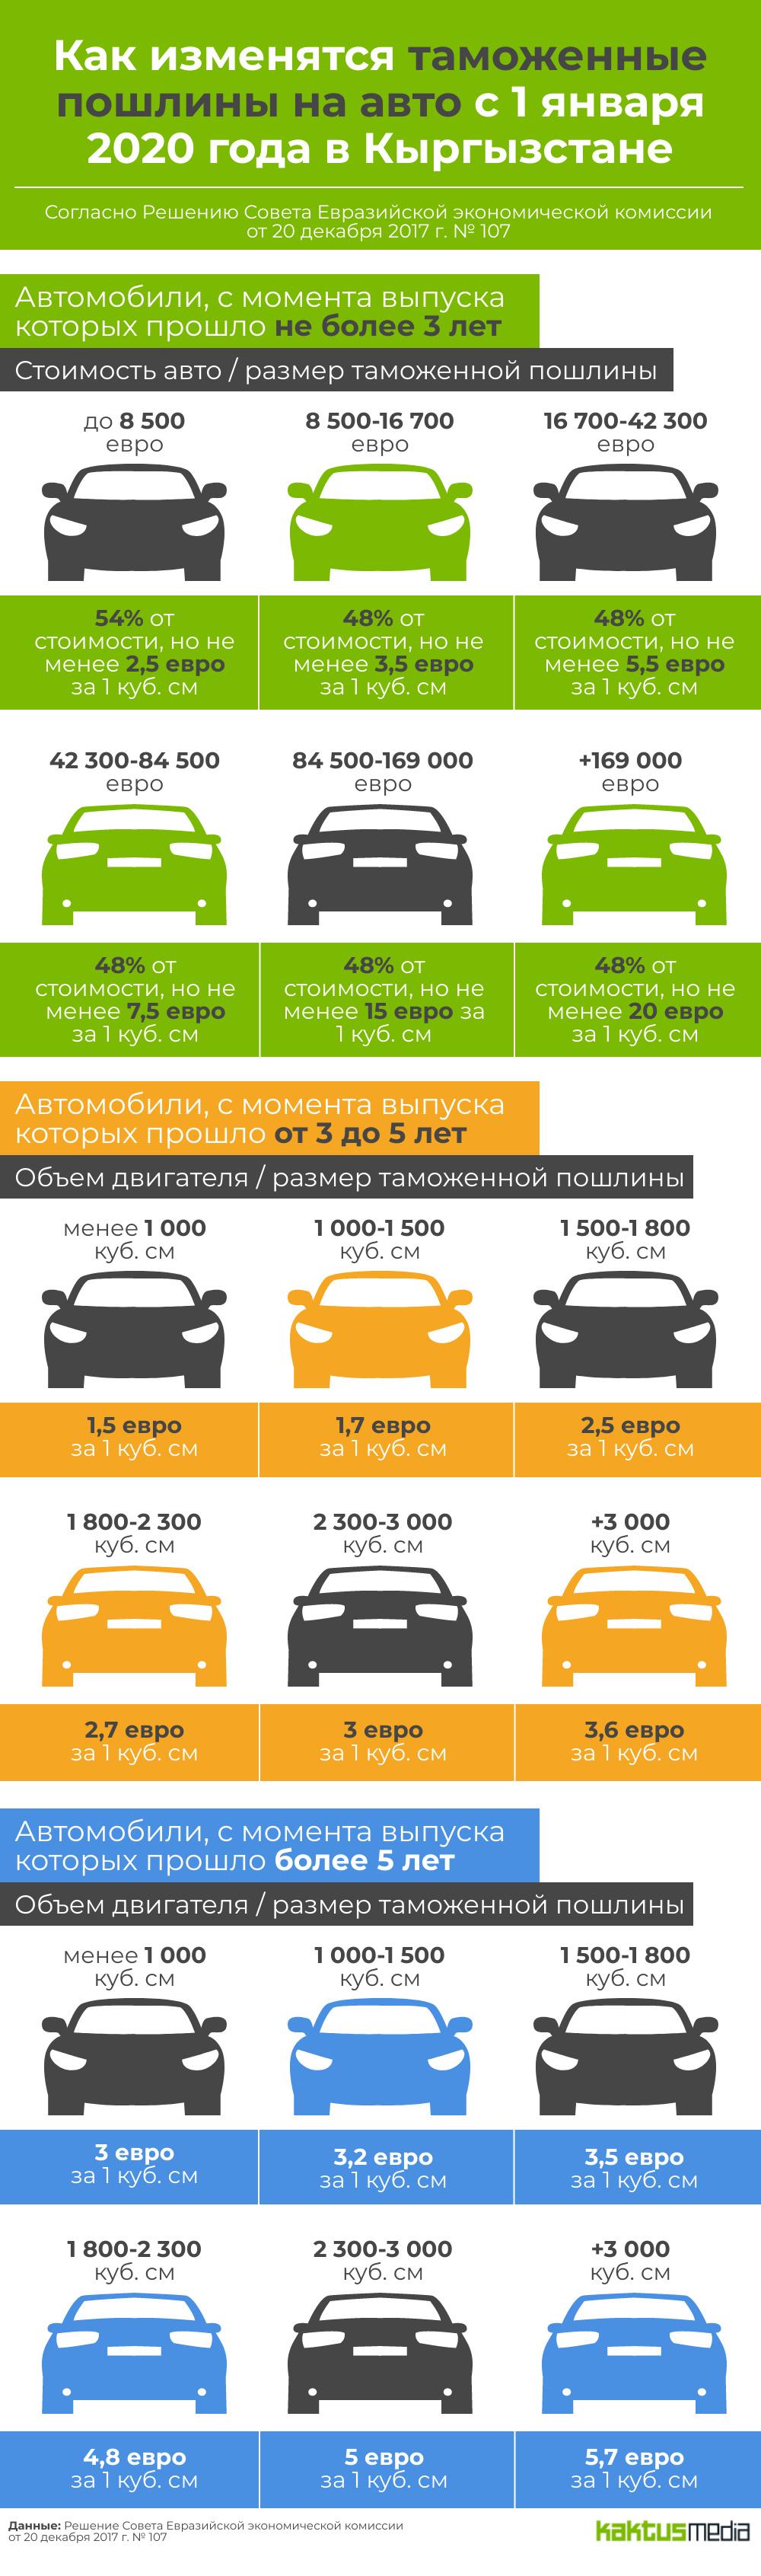 машина в кредит отзывы людей 2020 карта москвы гугл карты панорама улиц